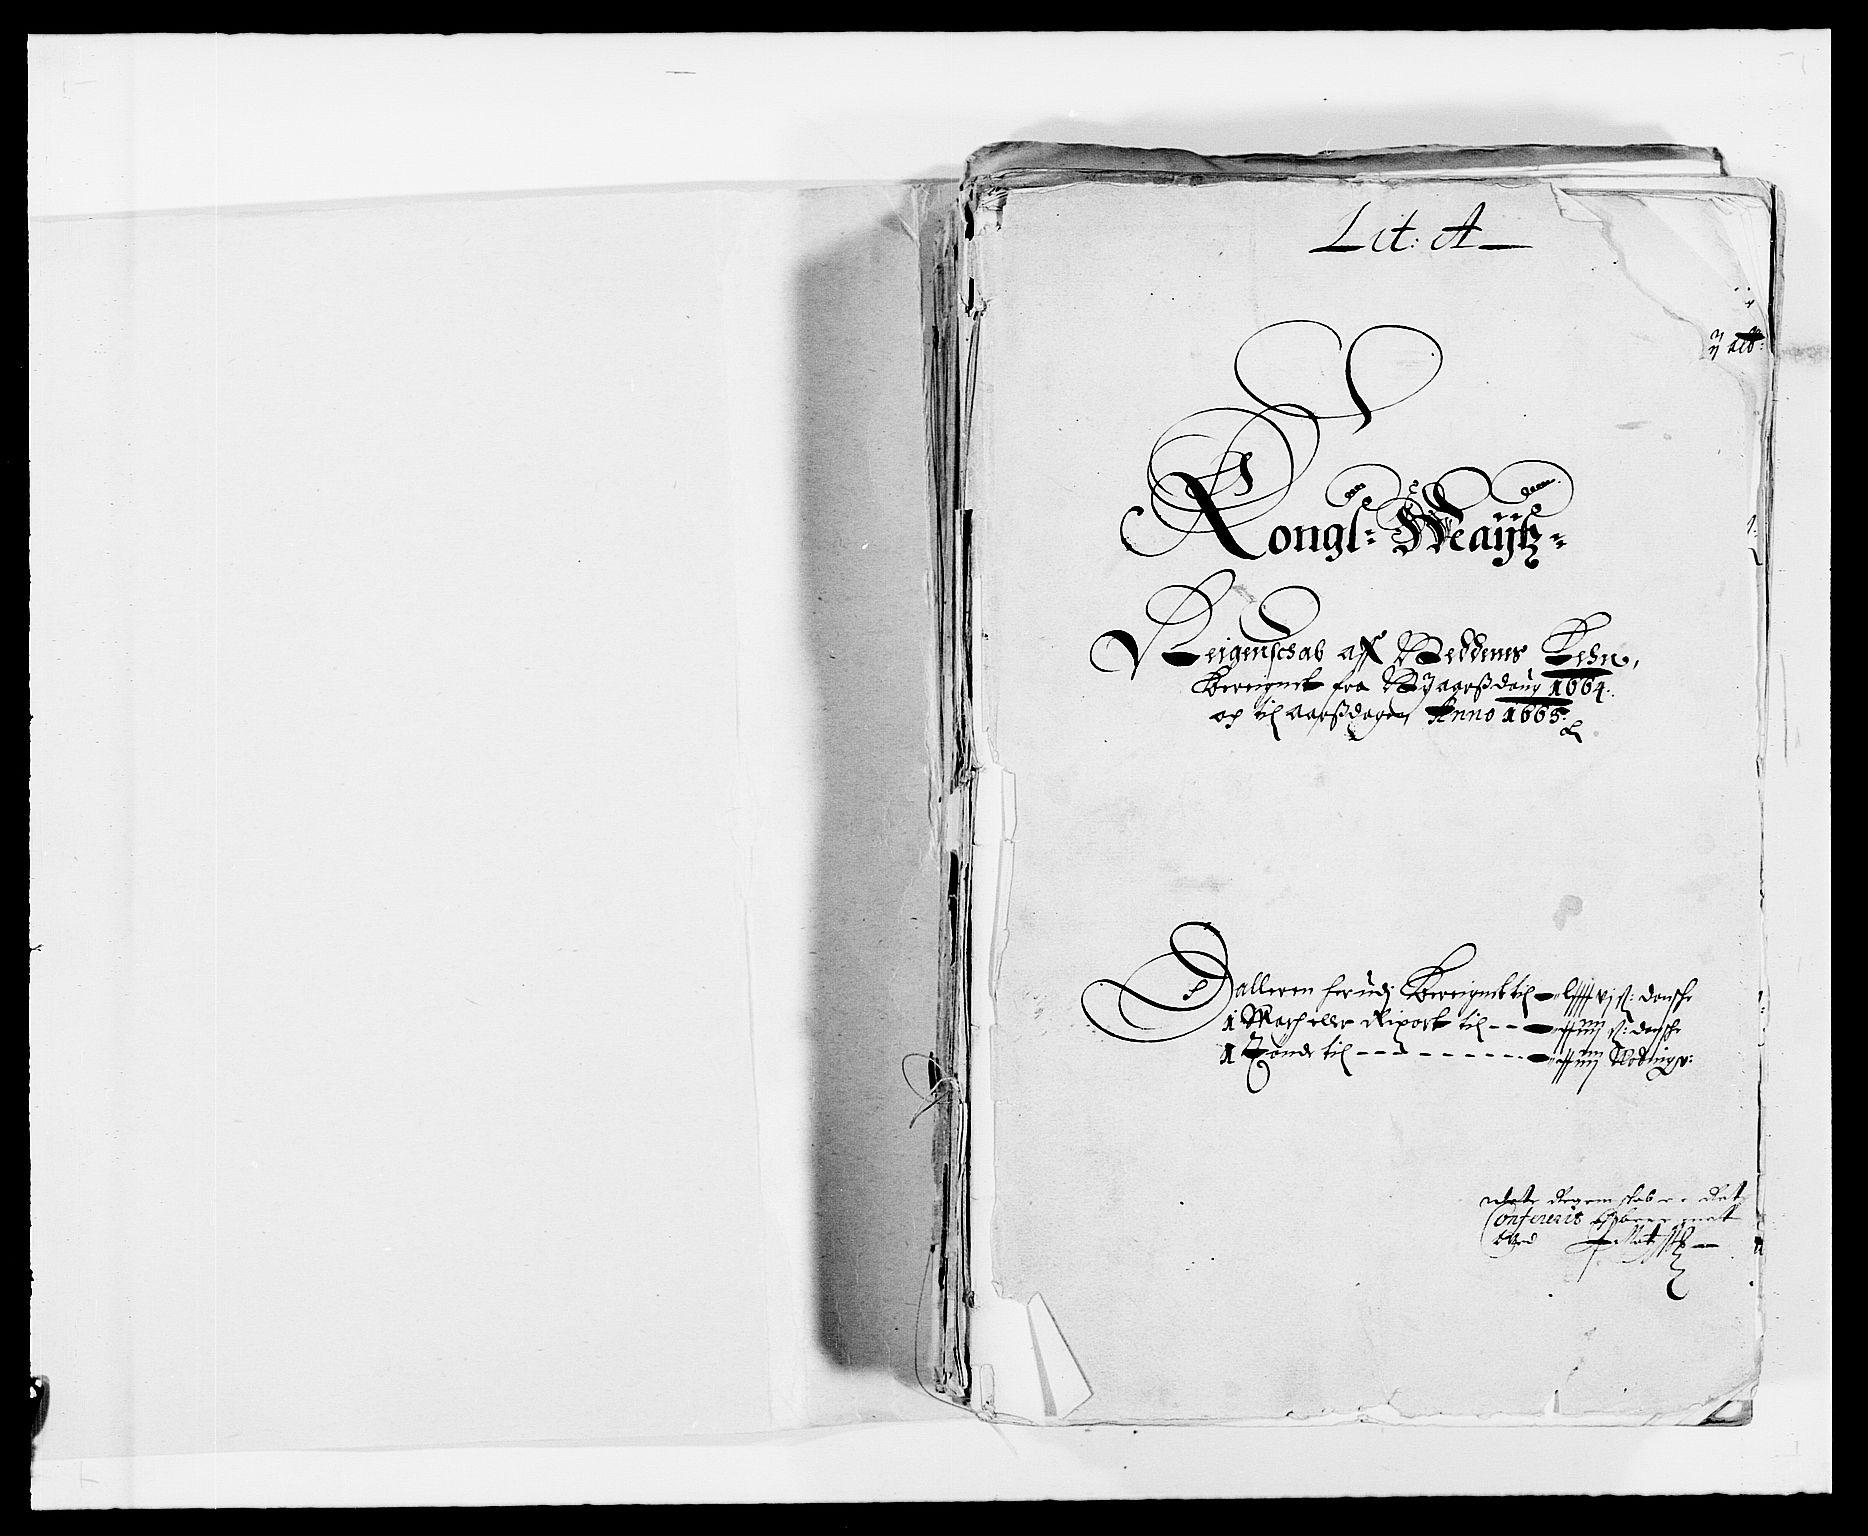 RA, Rentekammeret inntil 1814, Reviderte regnskaper, Fogderegnskap, R39/L2296: Fogderegnskap Nedenes, 1664-1666, s. 2